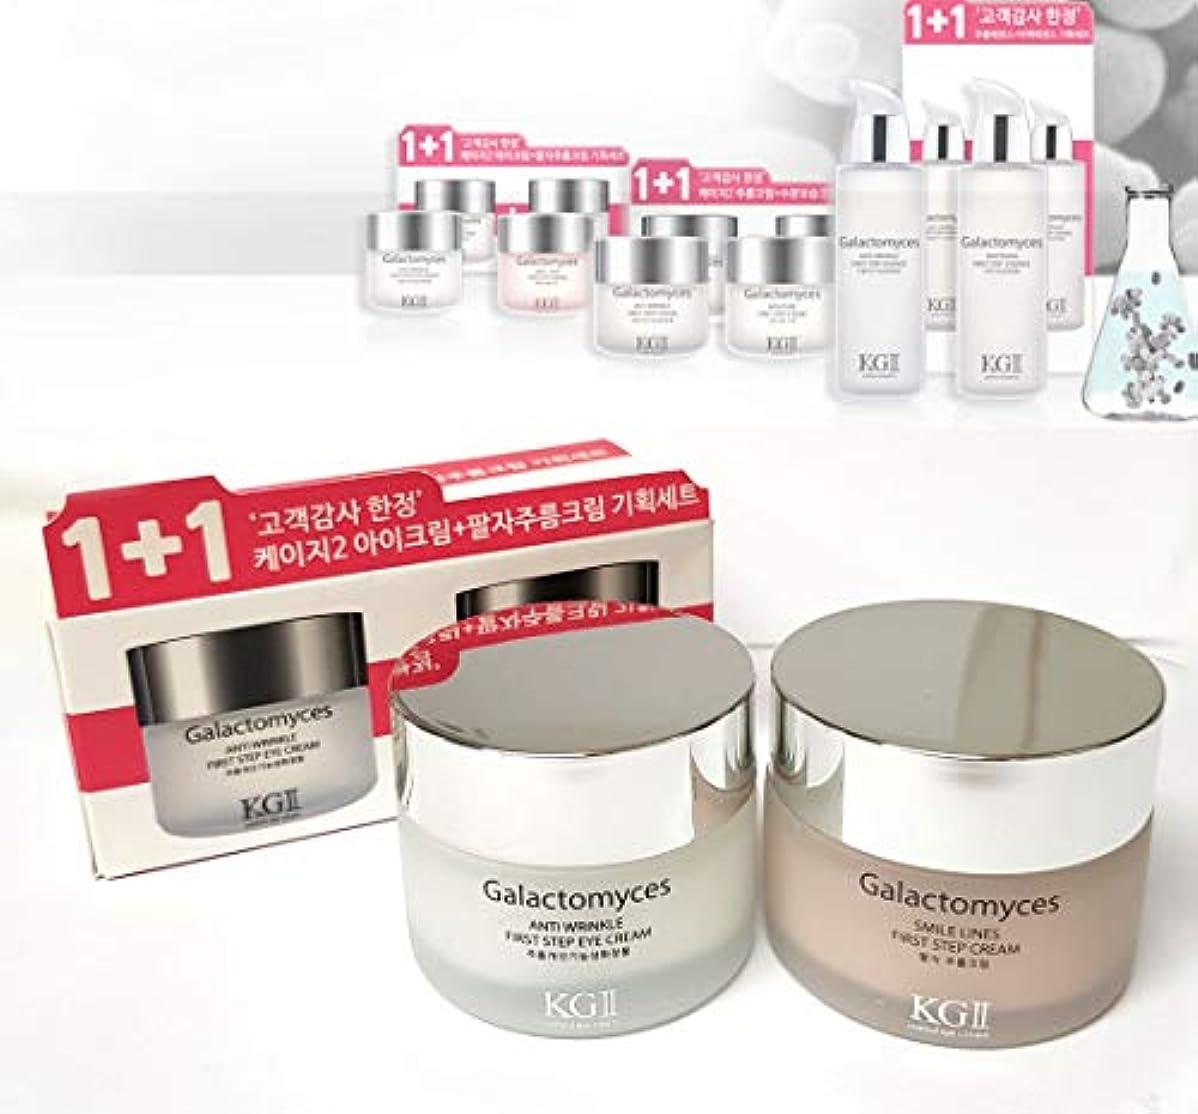 リングレットよろめくアドバイス[KG2] ガラクトミセスファーストステップアイクリーム30ml +スマイルラインズクリーム30mlセット / Galactomyces First Step Eye Cream 30ml + Smile Lines Cream...